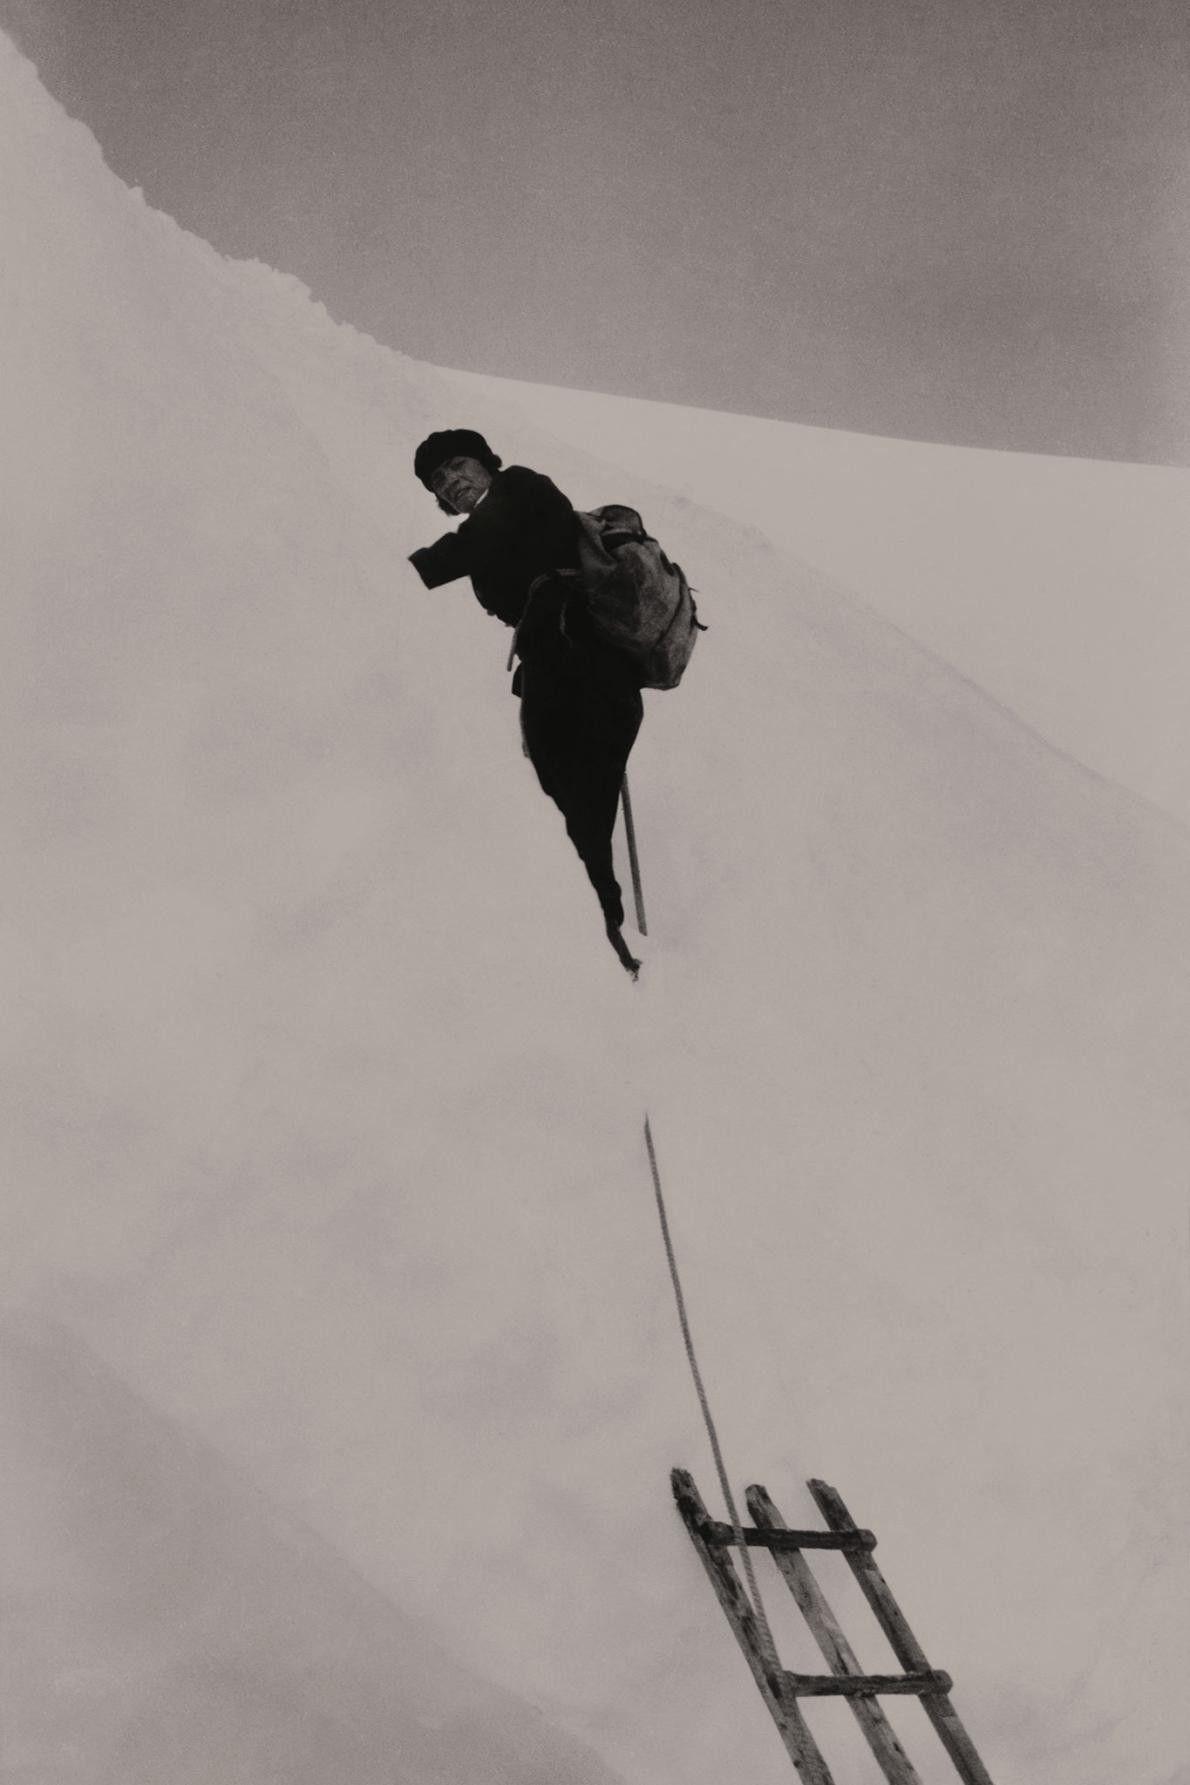 Uma alpinista usa uma escada para atravessar uma fenda em Jungfrau, nos Alpes berneses.